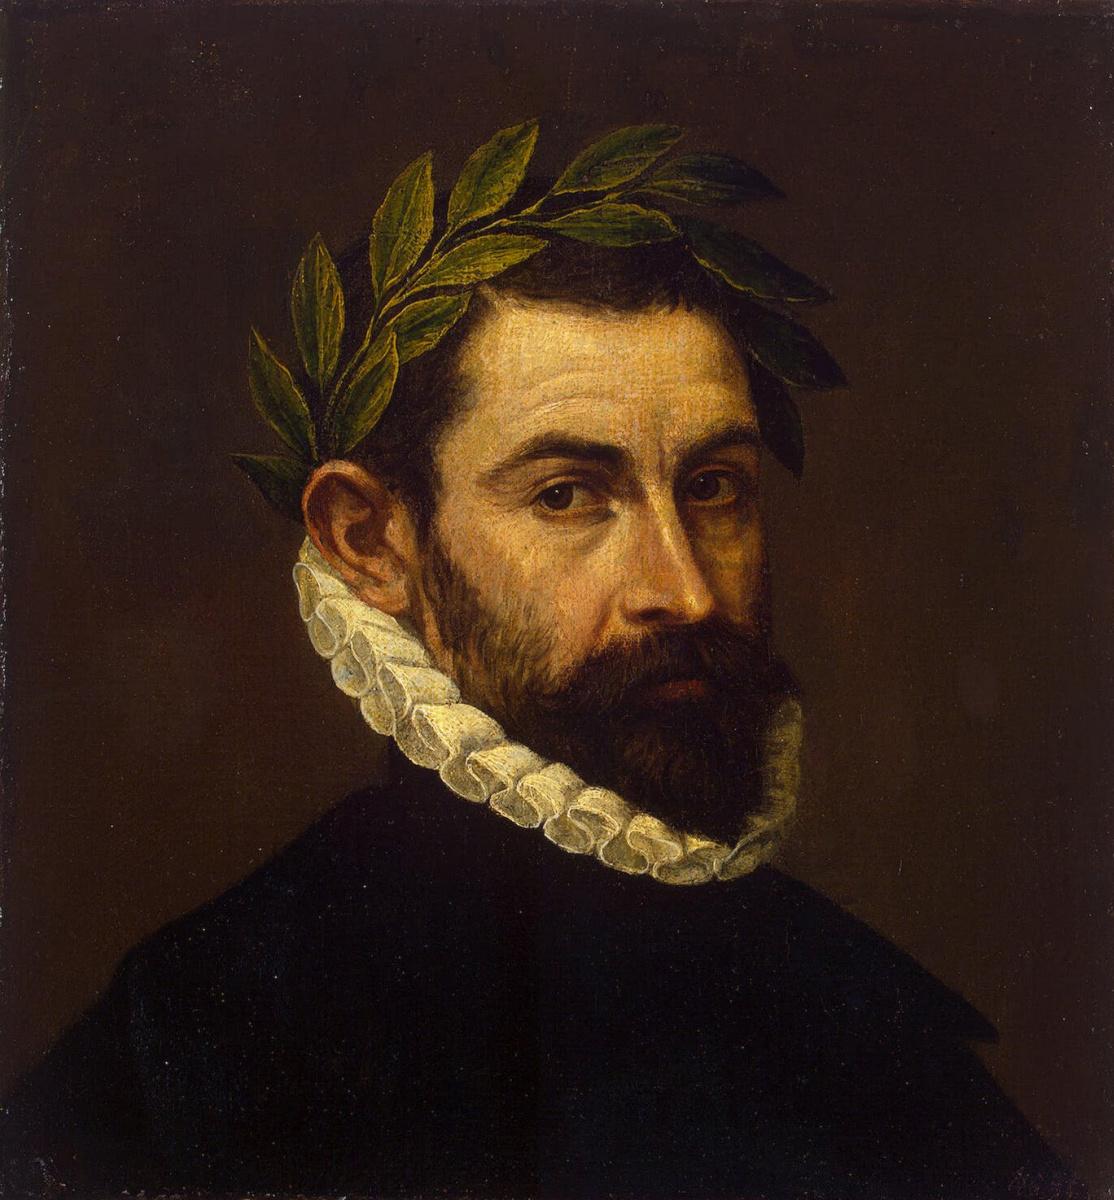 Эль Греко (Доменико Теотокопули). Портрет поэта Алонсо Ерсилья и Суньига